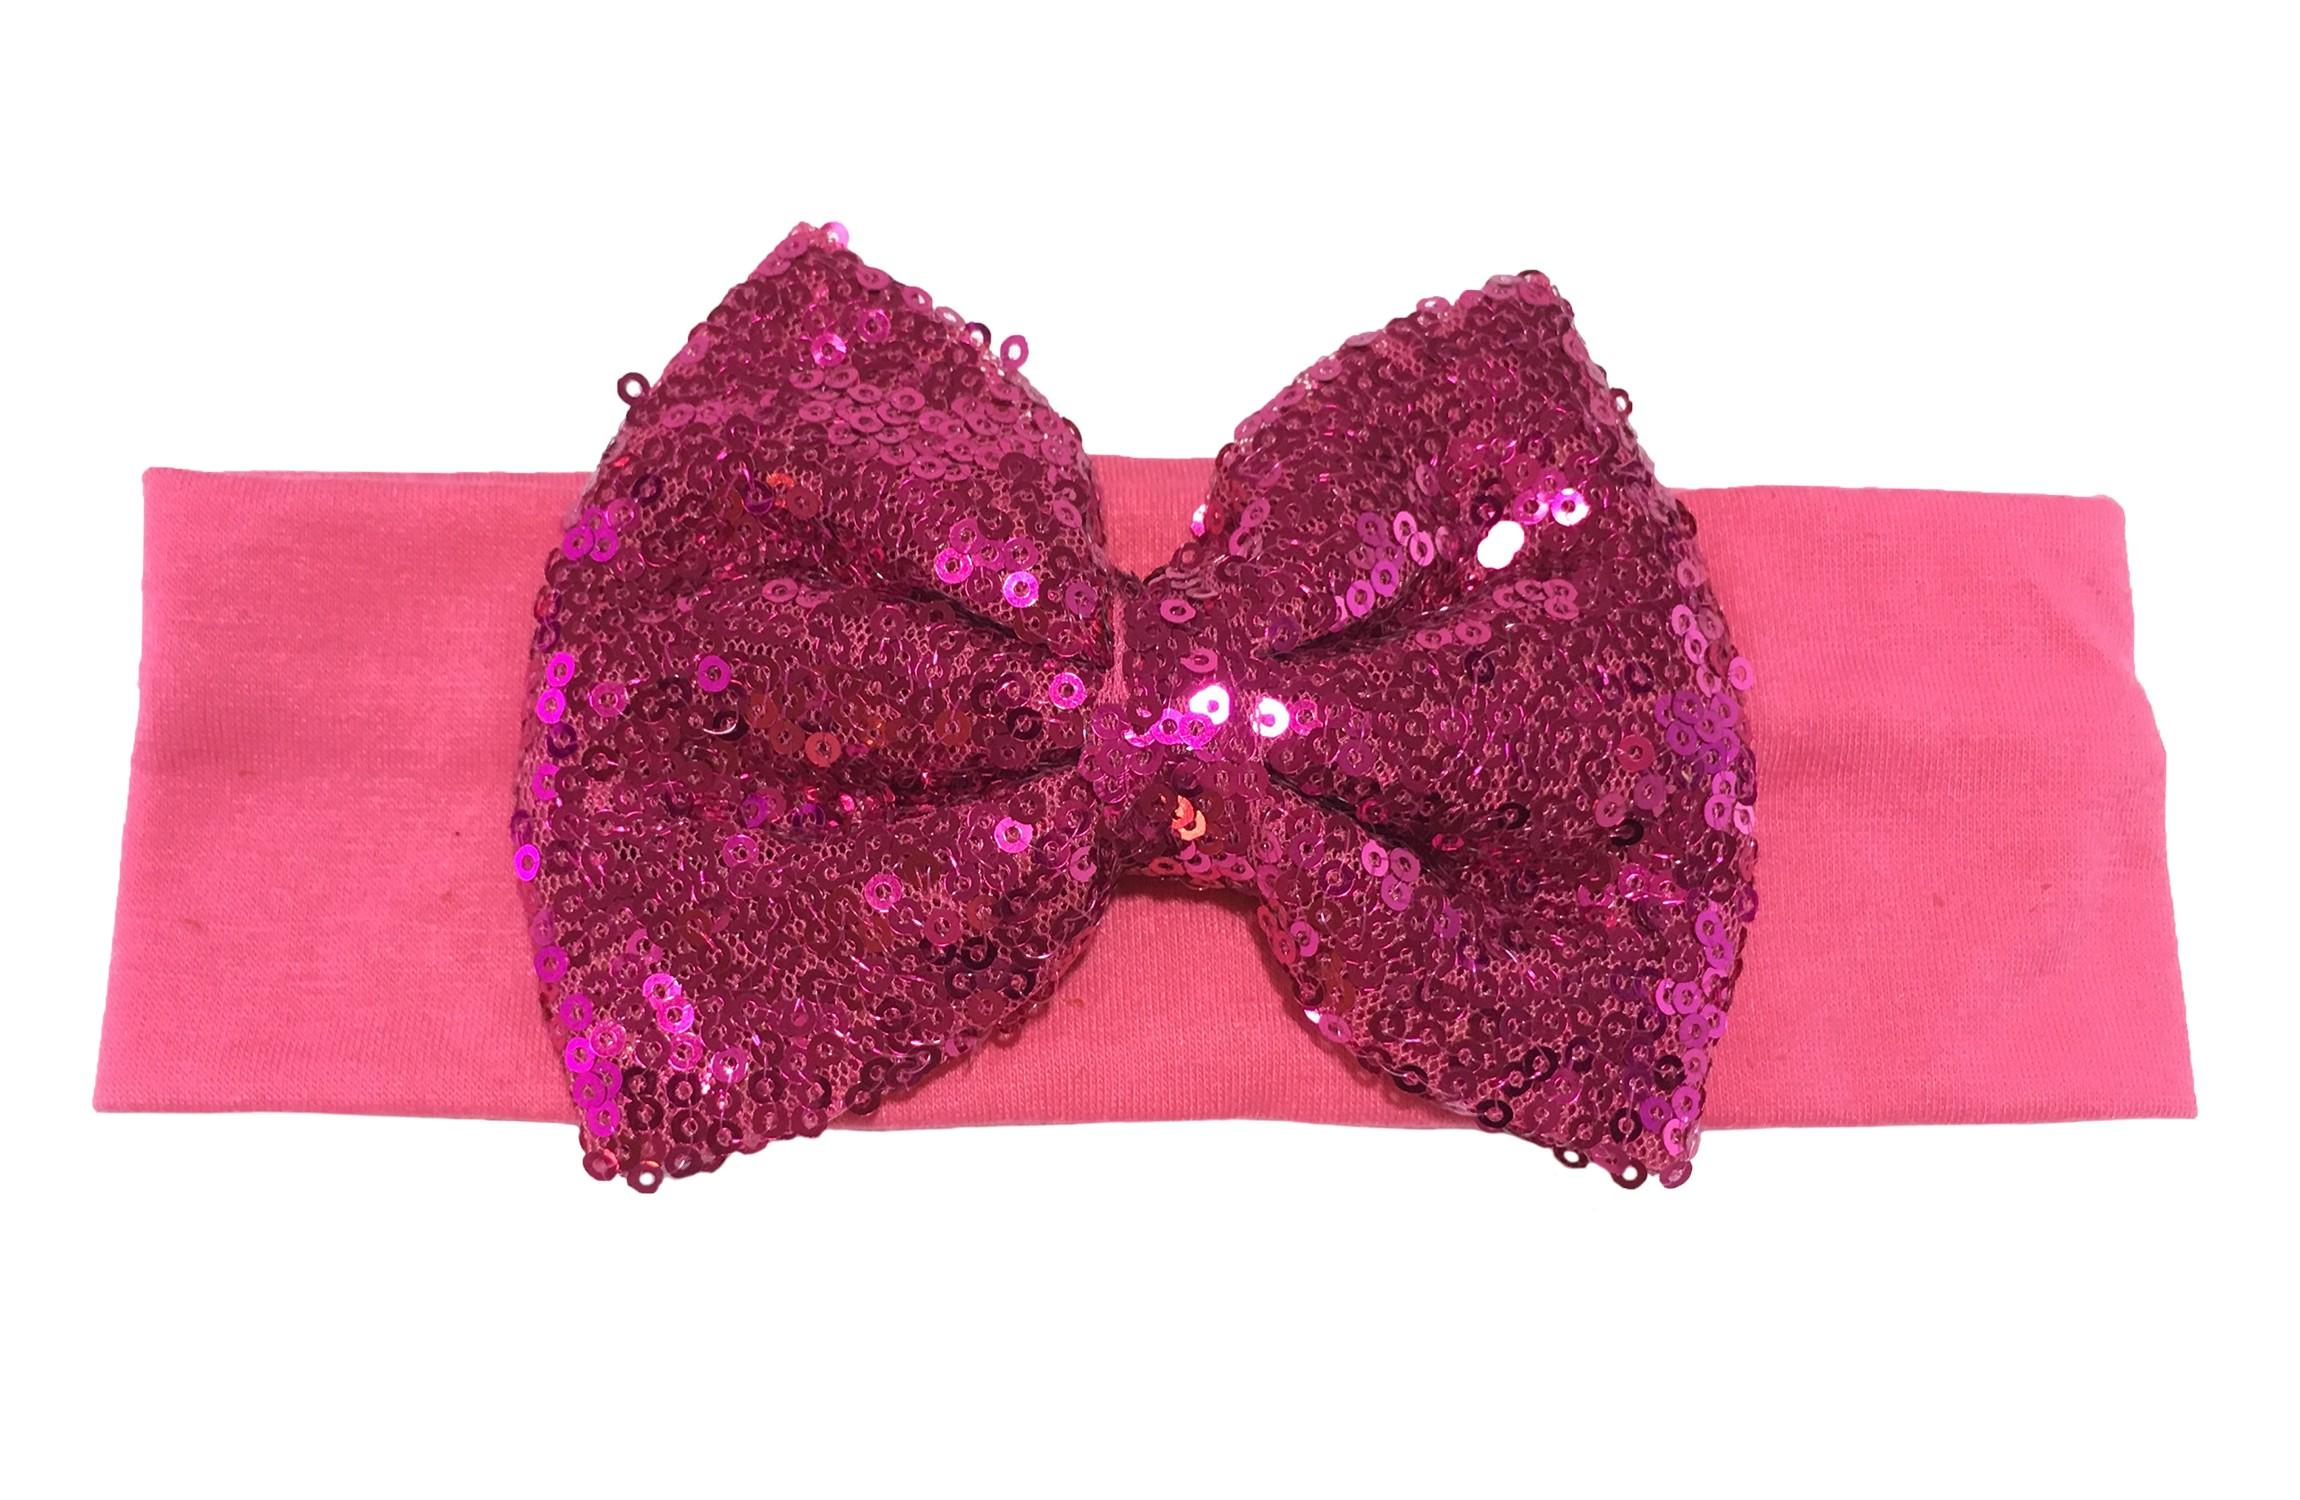 Leuke fel roze stoffen baby, peuter meisjes haarband.  Van zachte rekbare stof.  Met een grote roze strik met pailletjes van ongeveer 11 centimeter breed. Niet uitgerekt is het haarbandje ongeveer 18 centimeter en 5.5 centimeter breed.